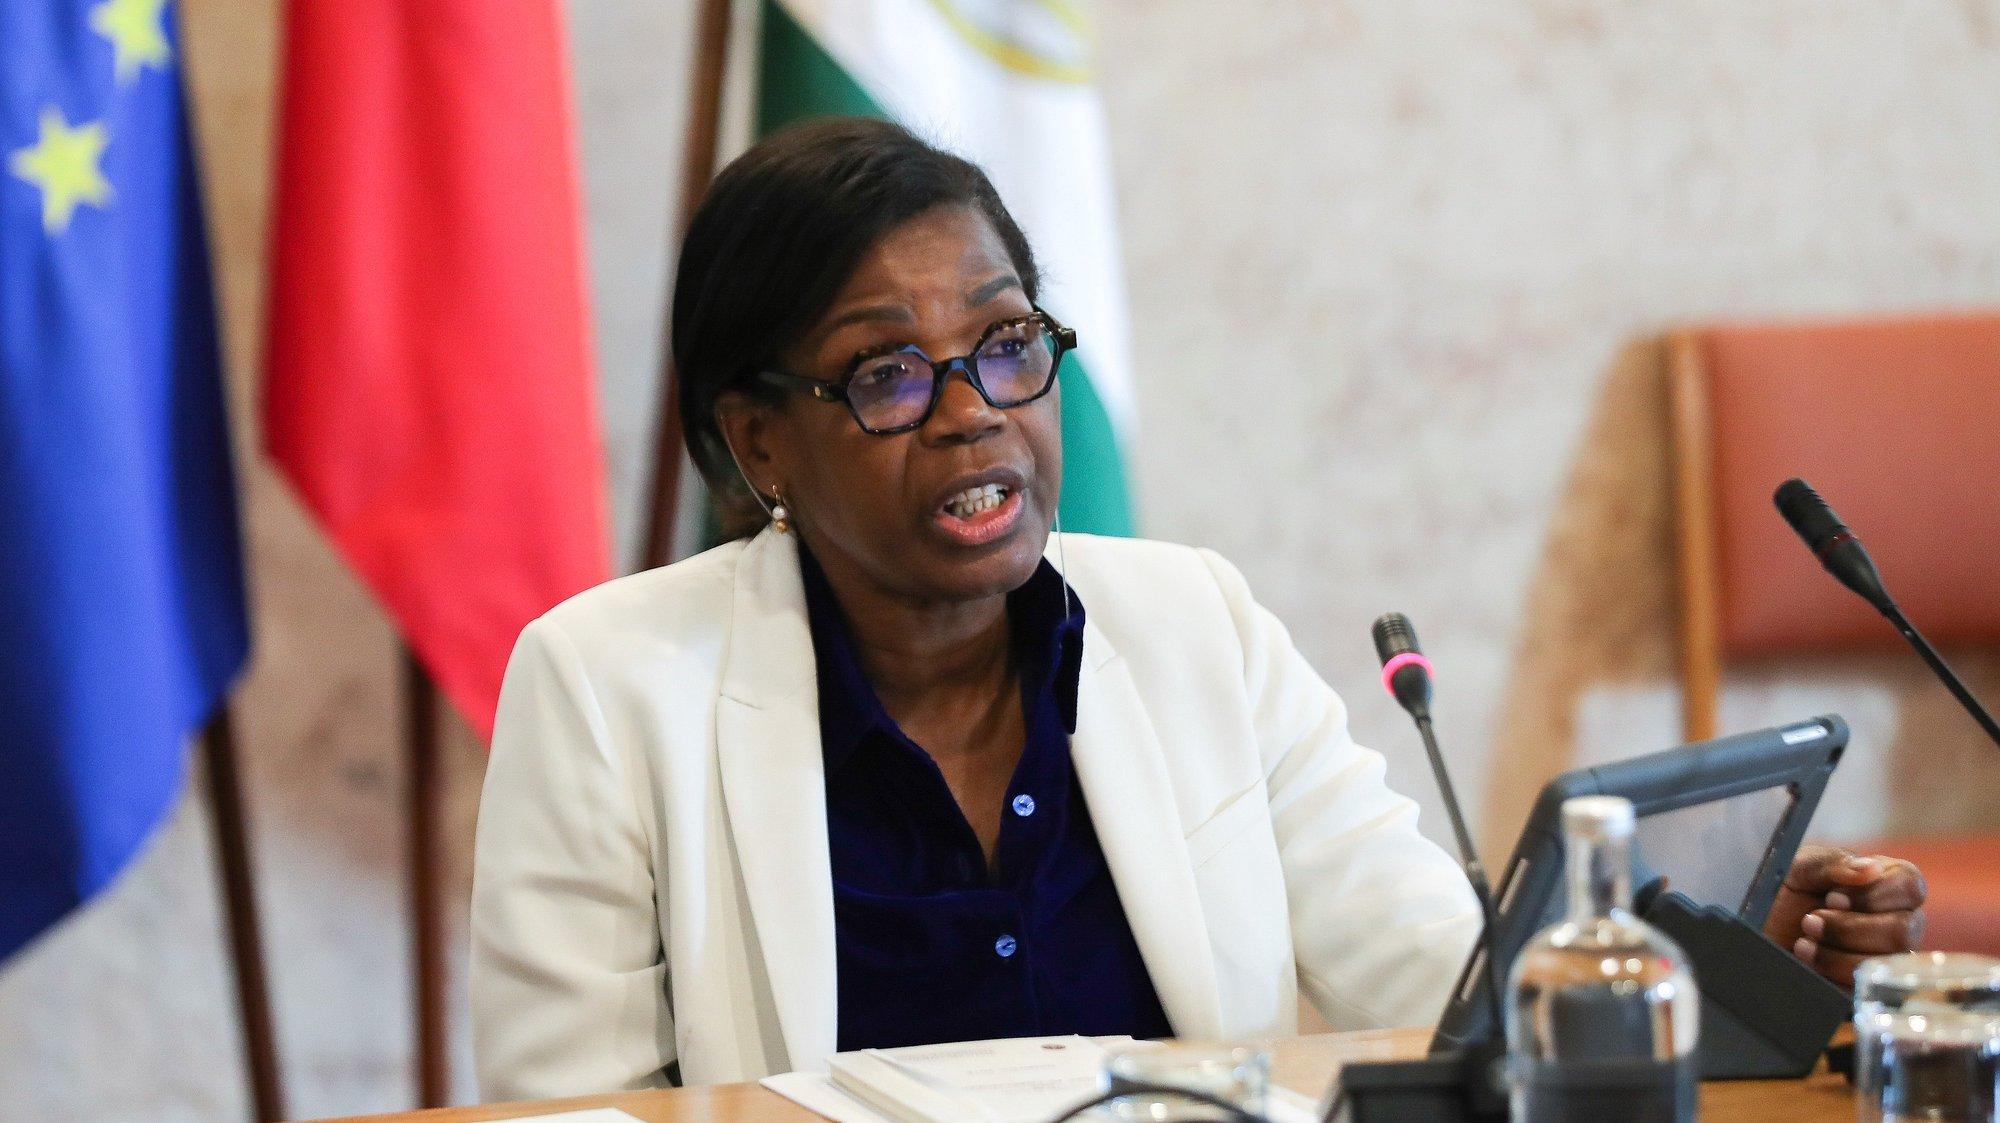 A ministra da Justiça, Francisca Van Dunem, fala durante a sua audição perante a Comissão de Assuntos Constitucionais, Direitos, Liberdades e Garantias, na Assembleia da República, em Lisboa, 28 de abril de 2020. MIGUEL A. LOPES/LUSA